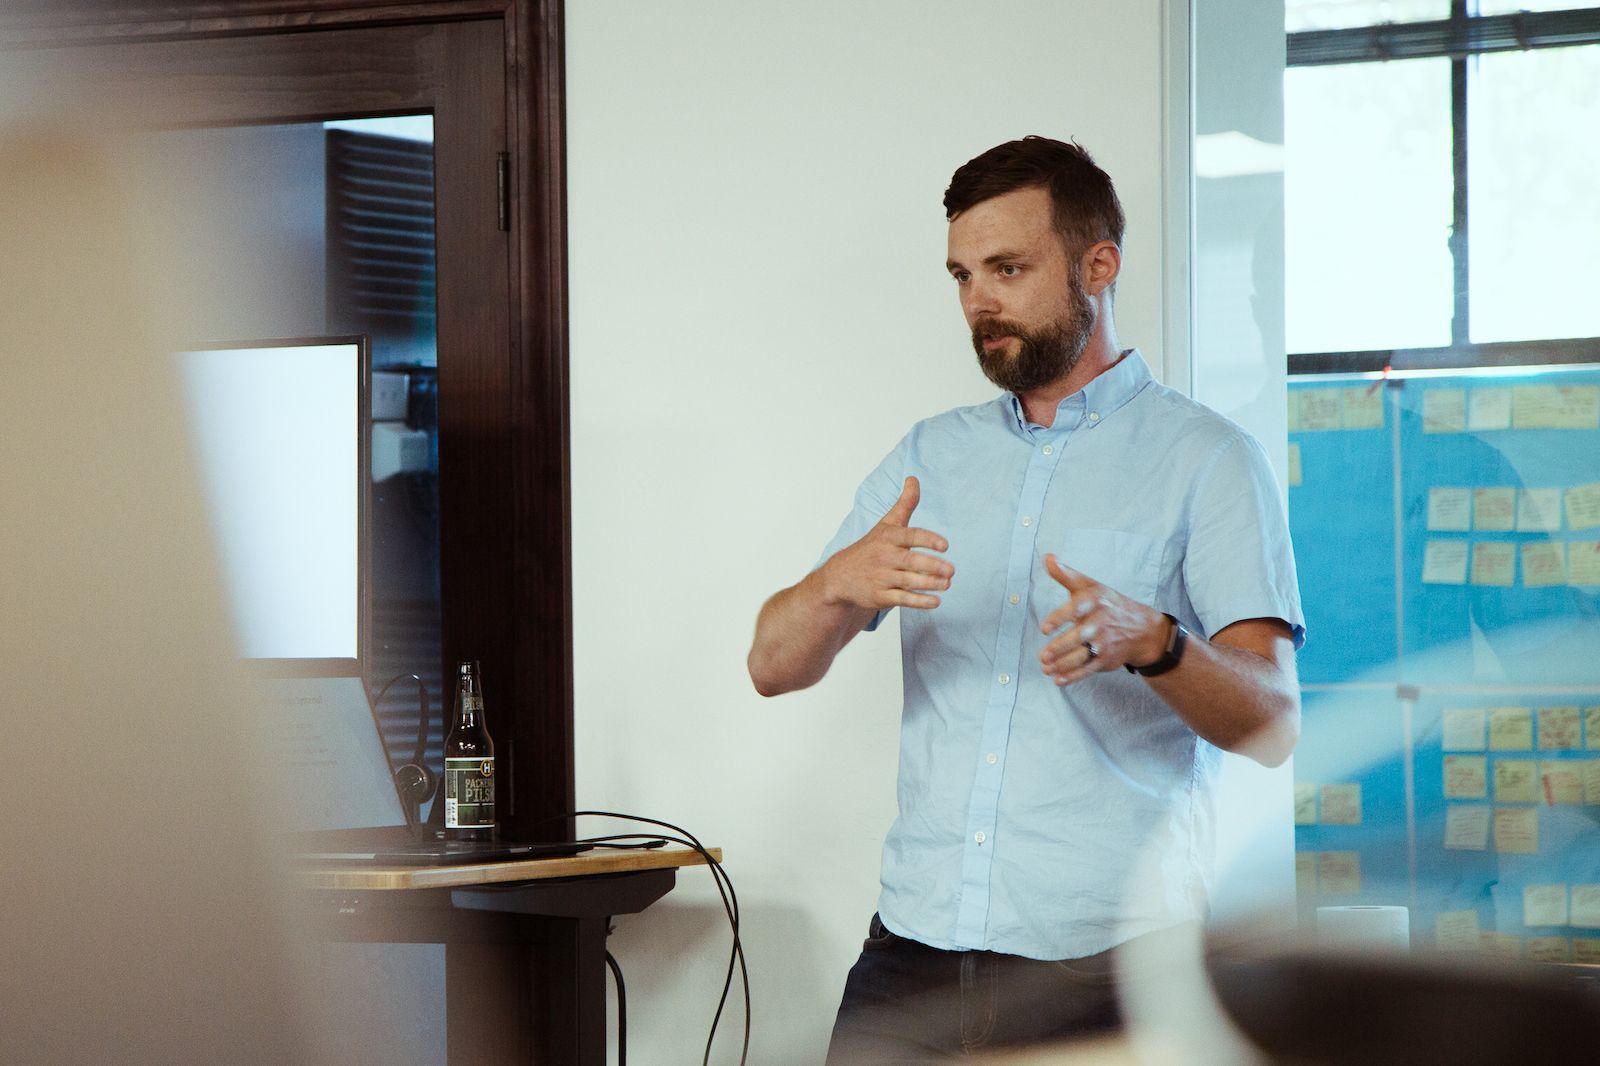 young man presenting at meetup